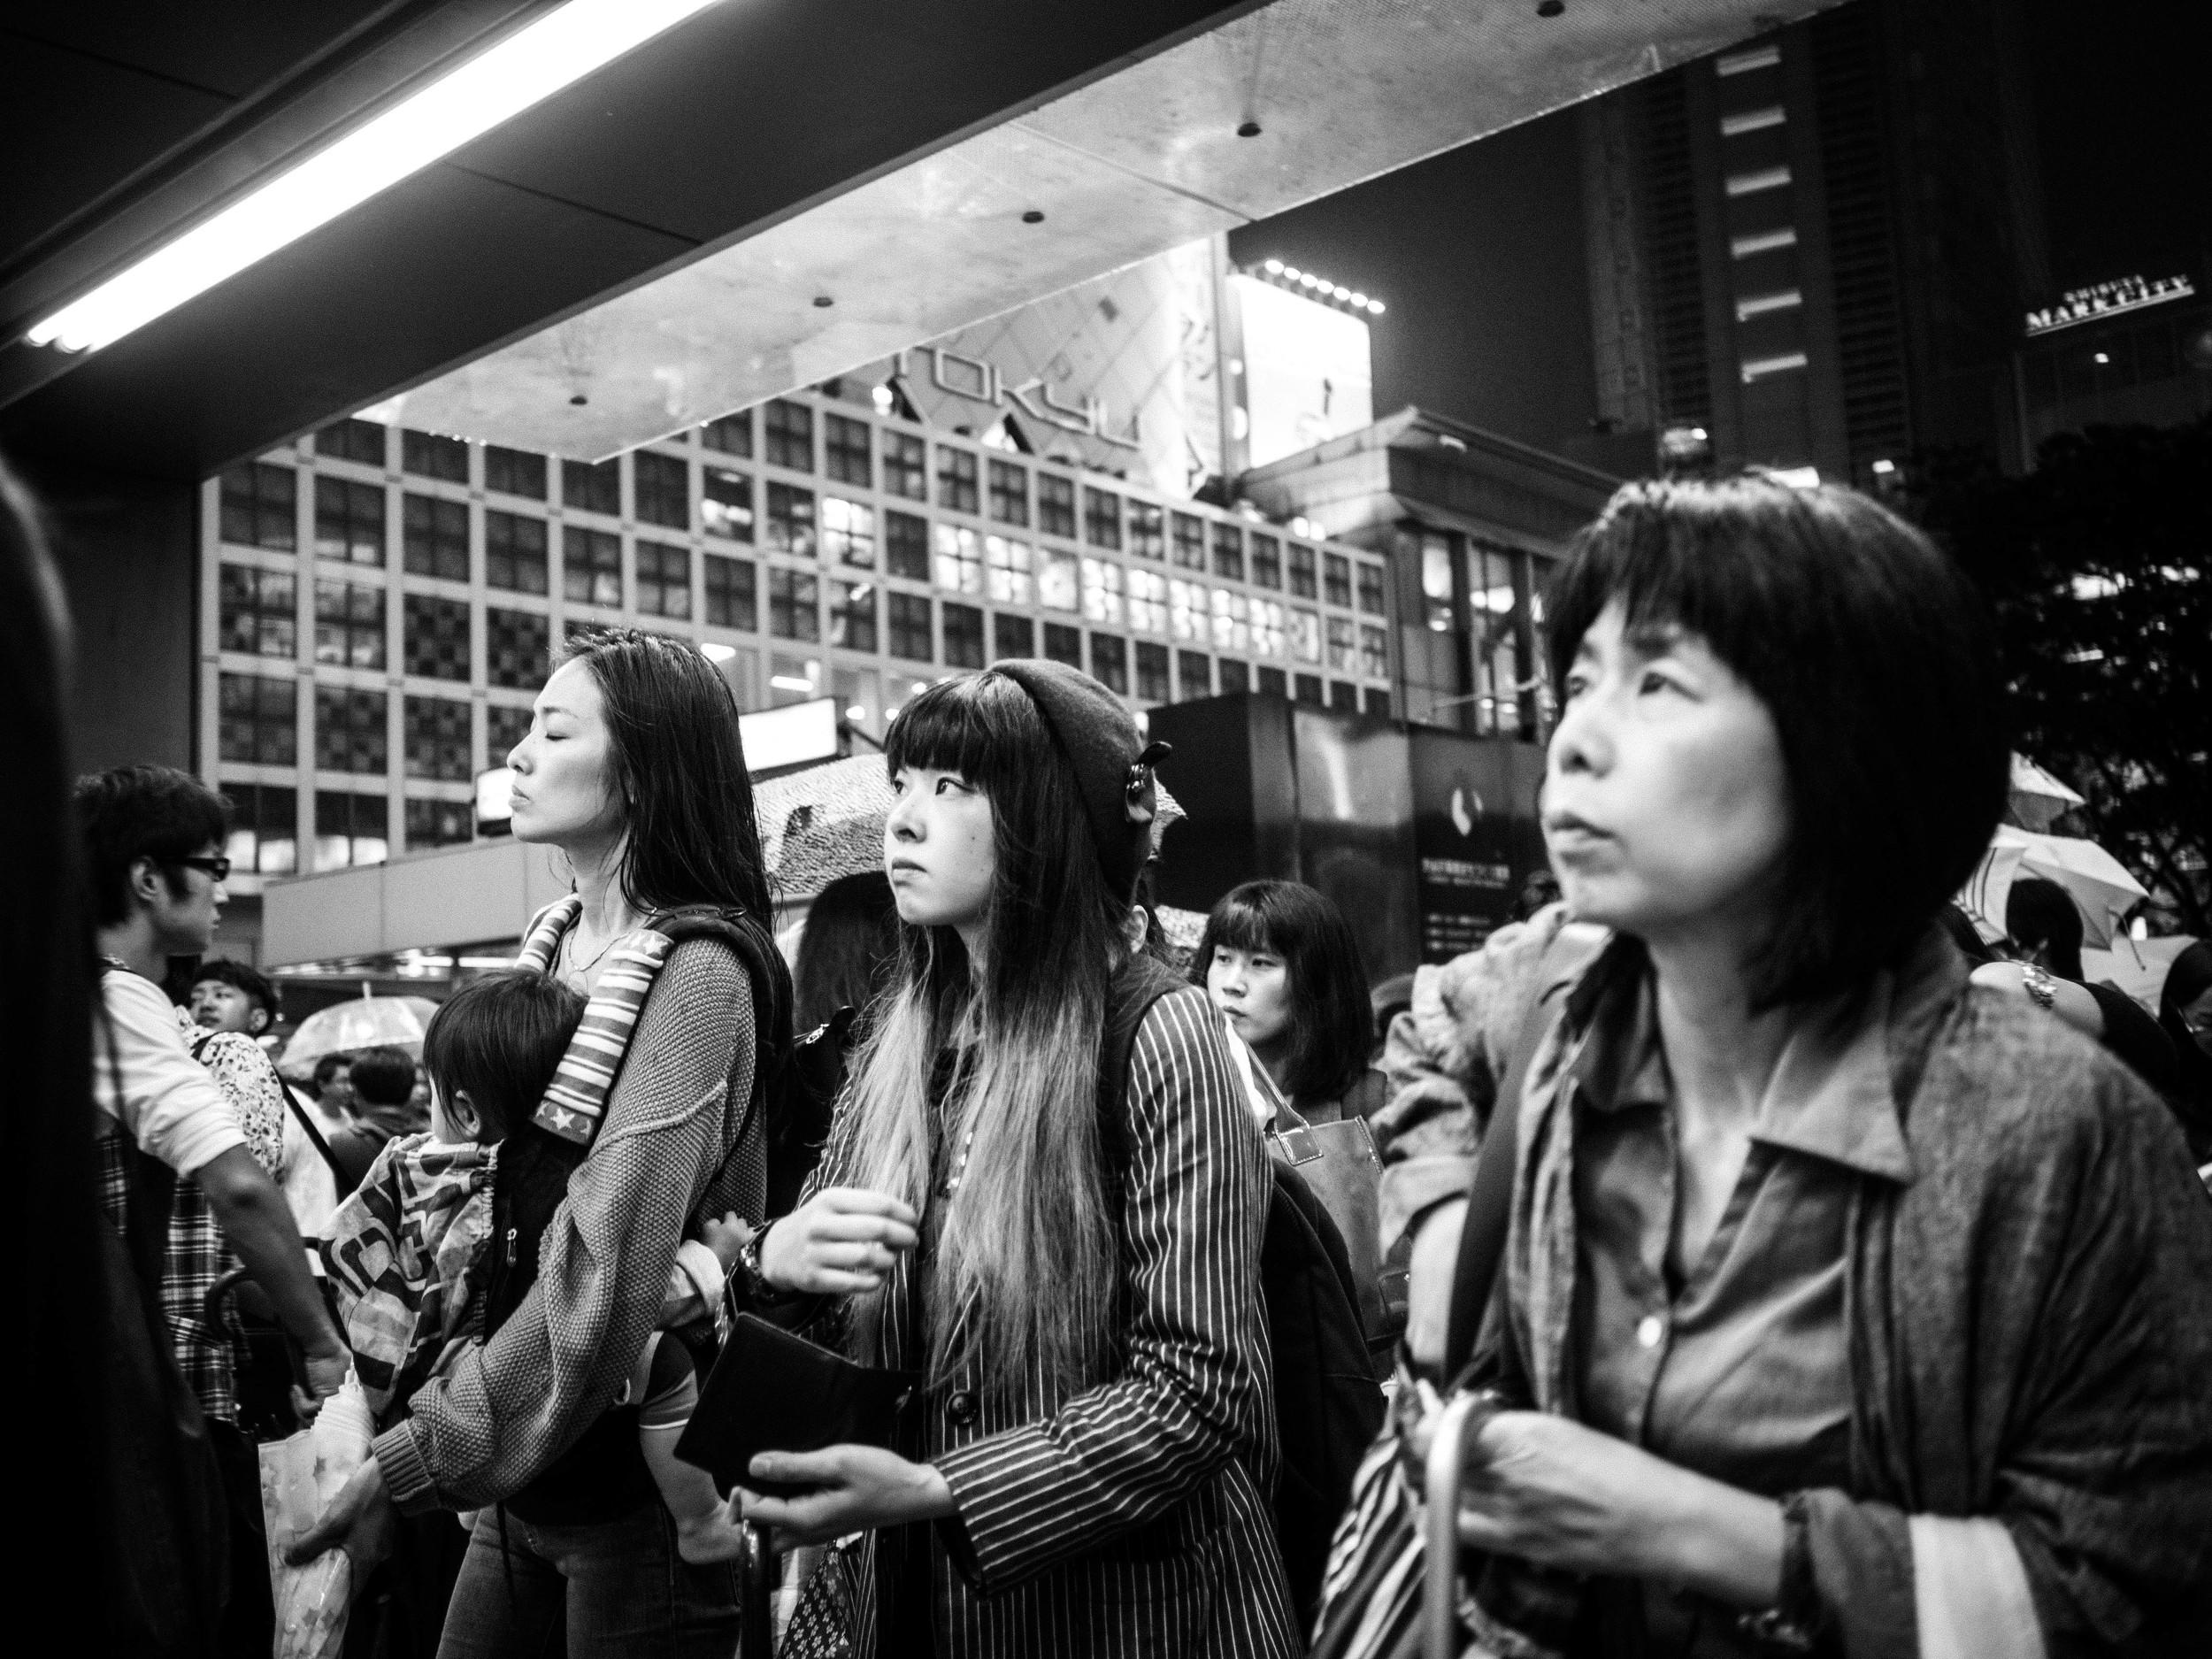 tokyo summer 2-010446-2.jpg